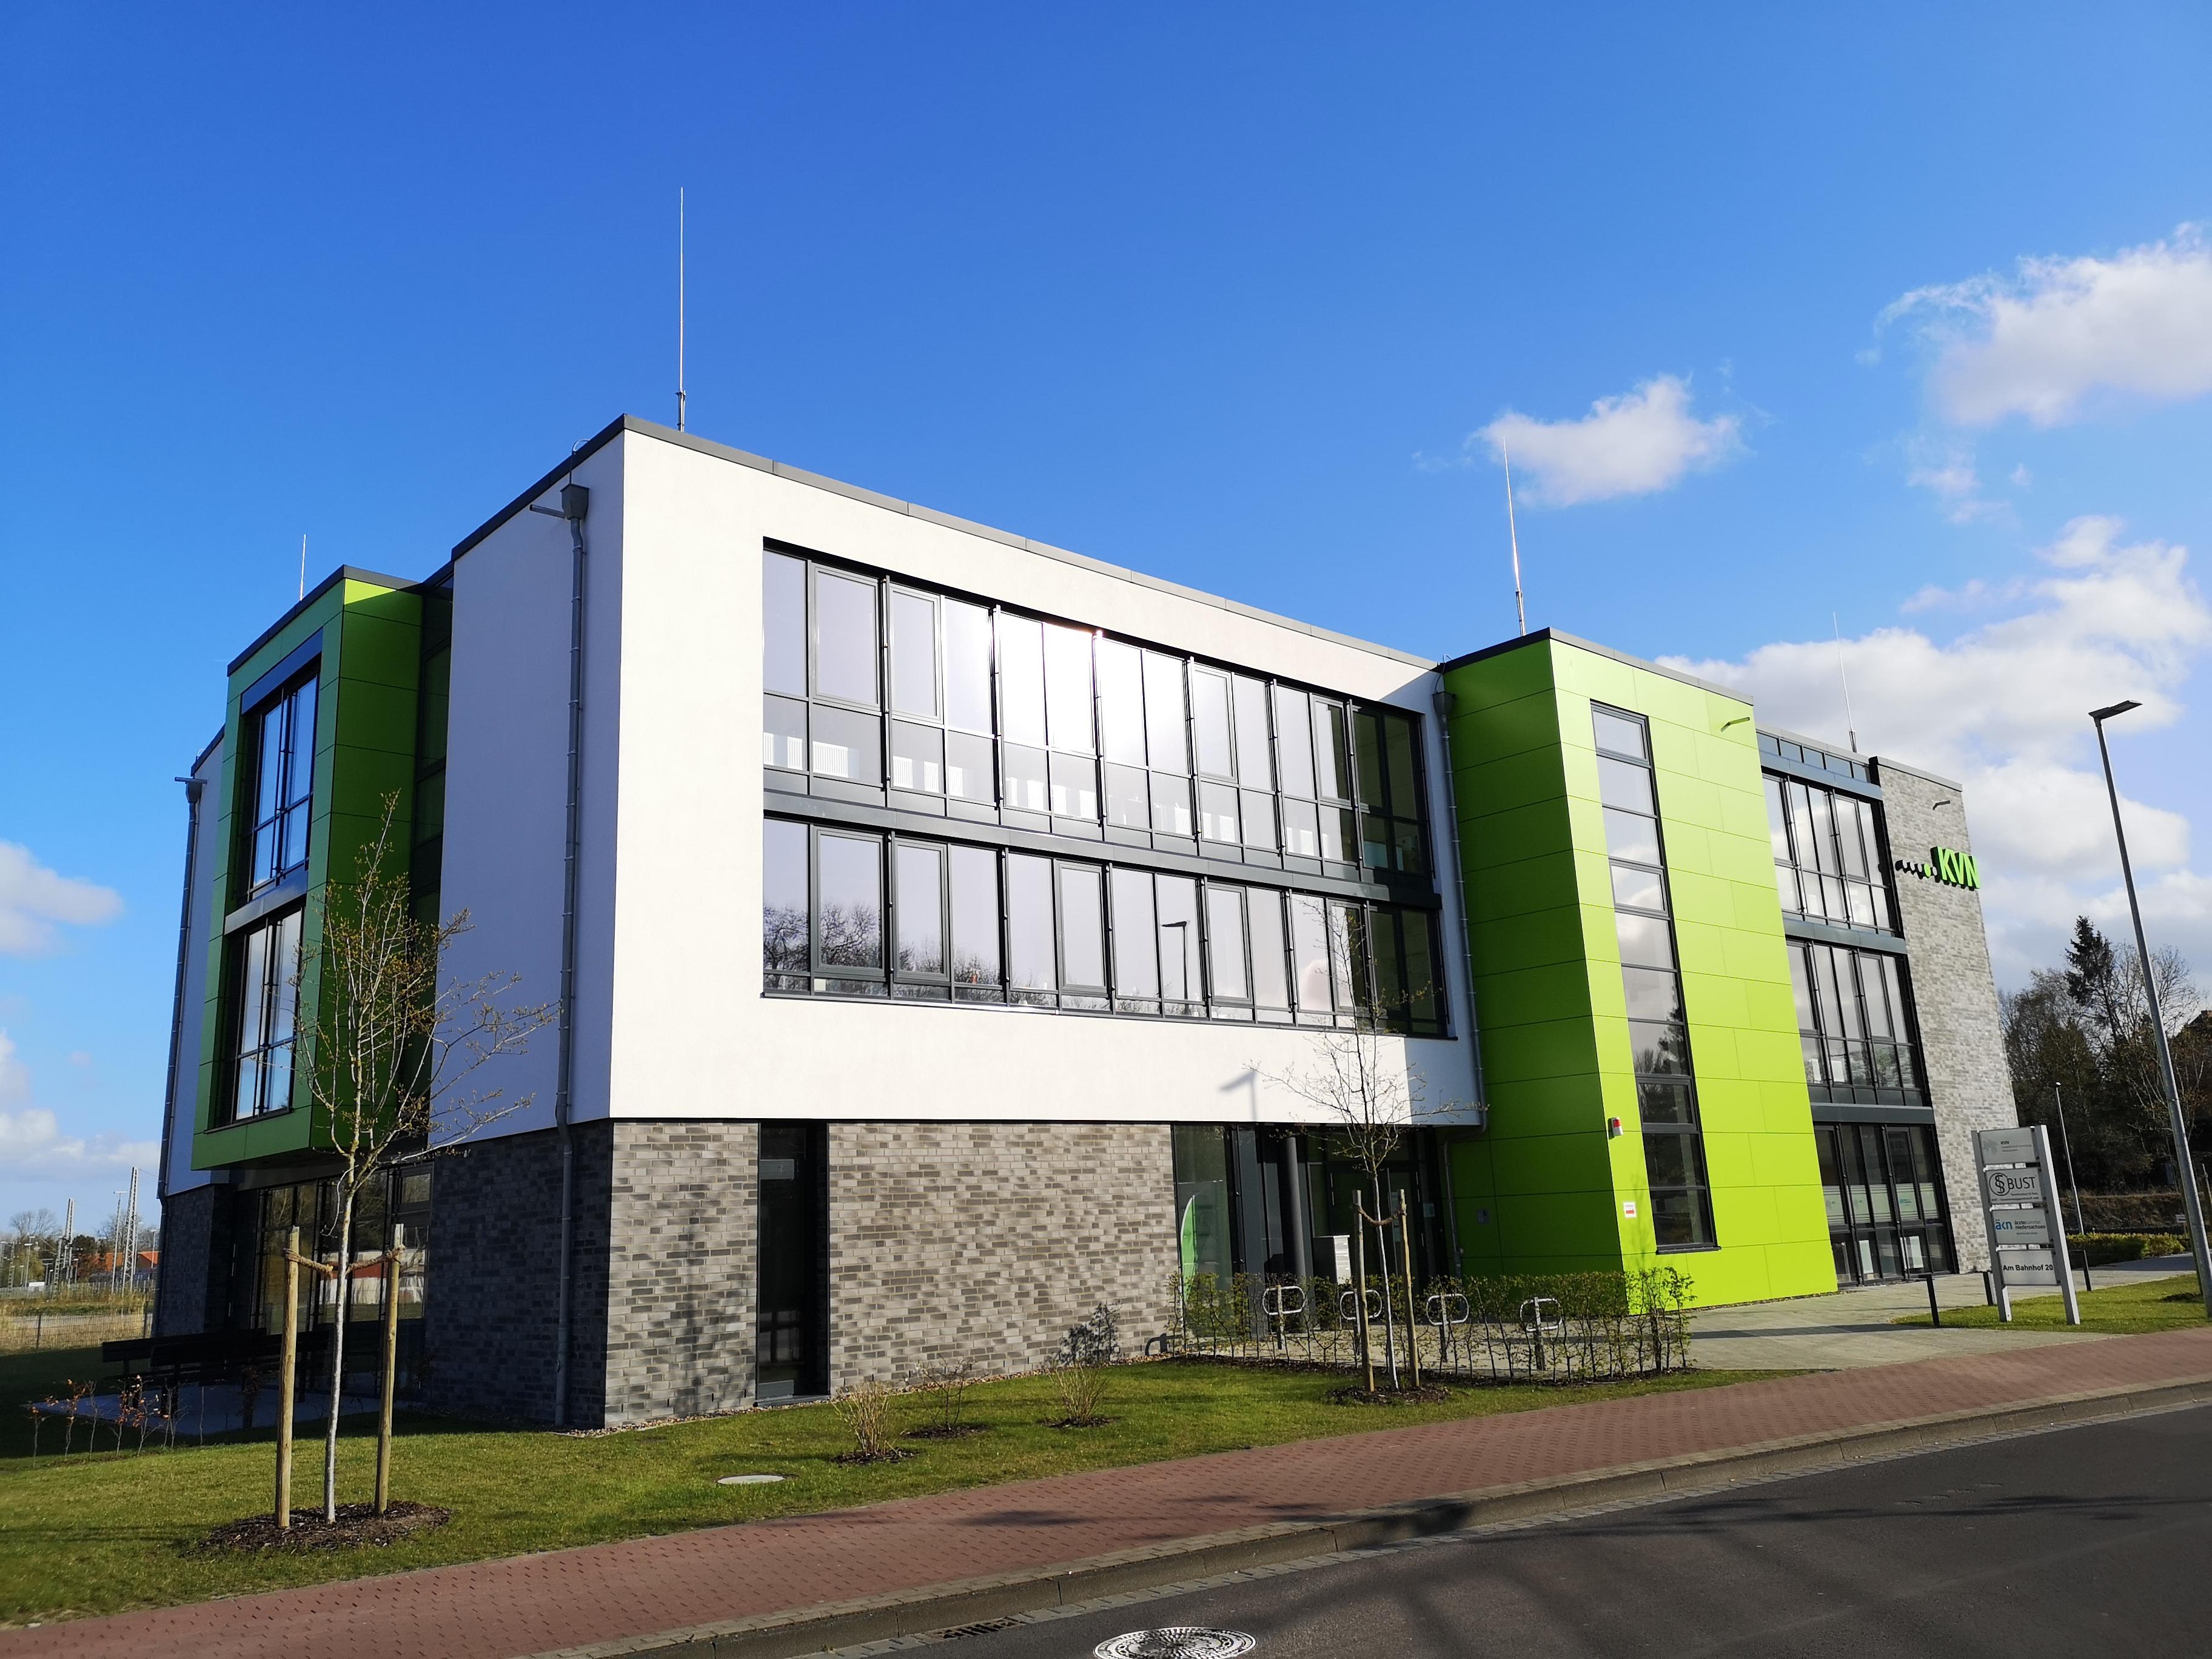 Kassenärzliche Vereinigung Niedersachsen, Stade, 2017